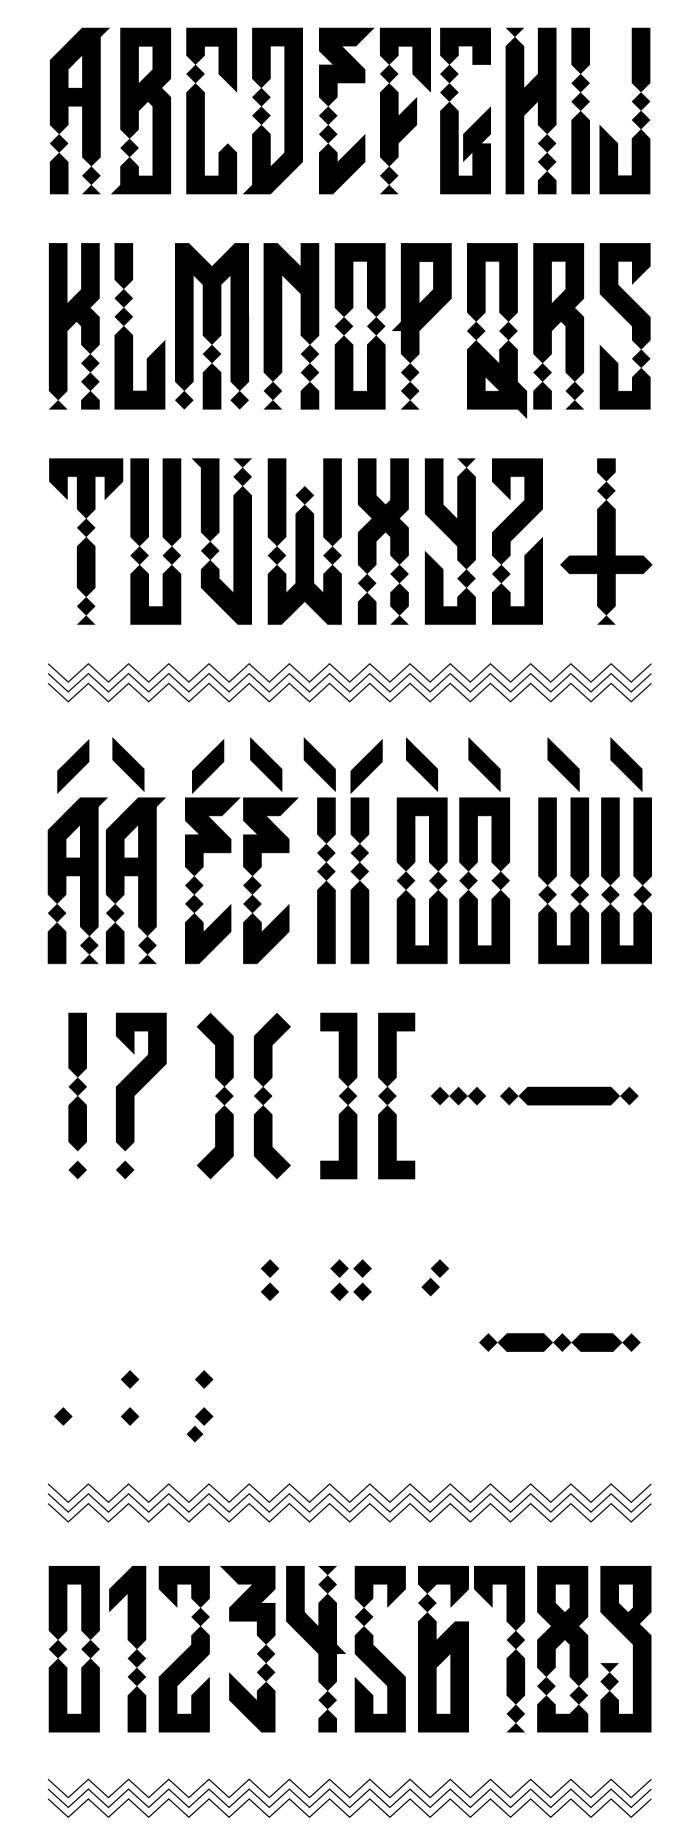 excellense_font_08